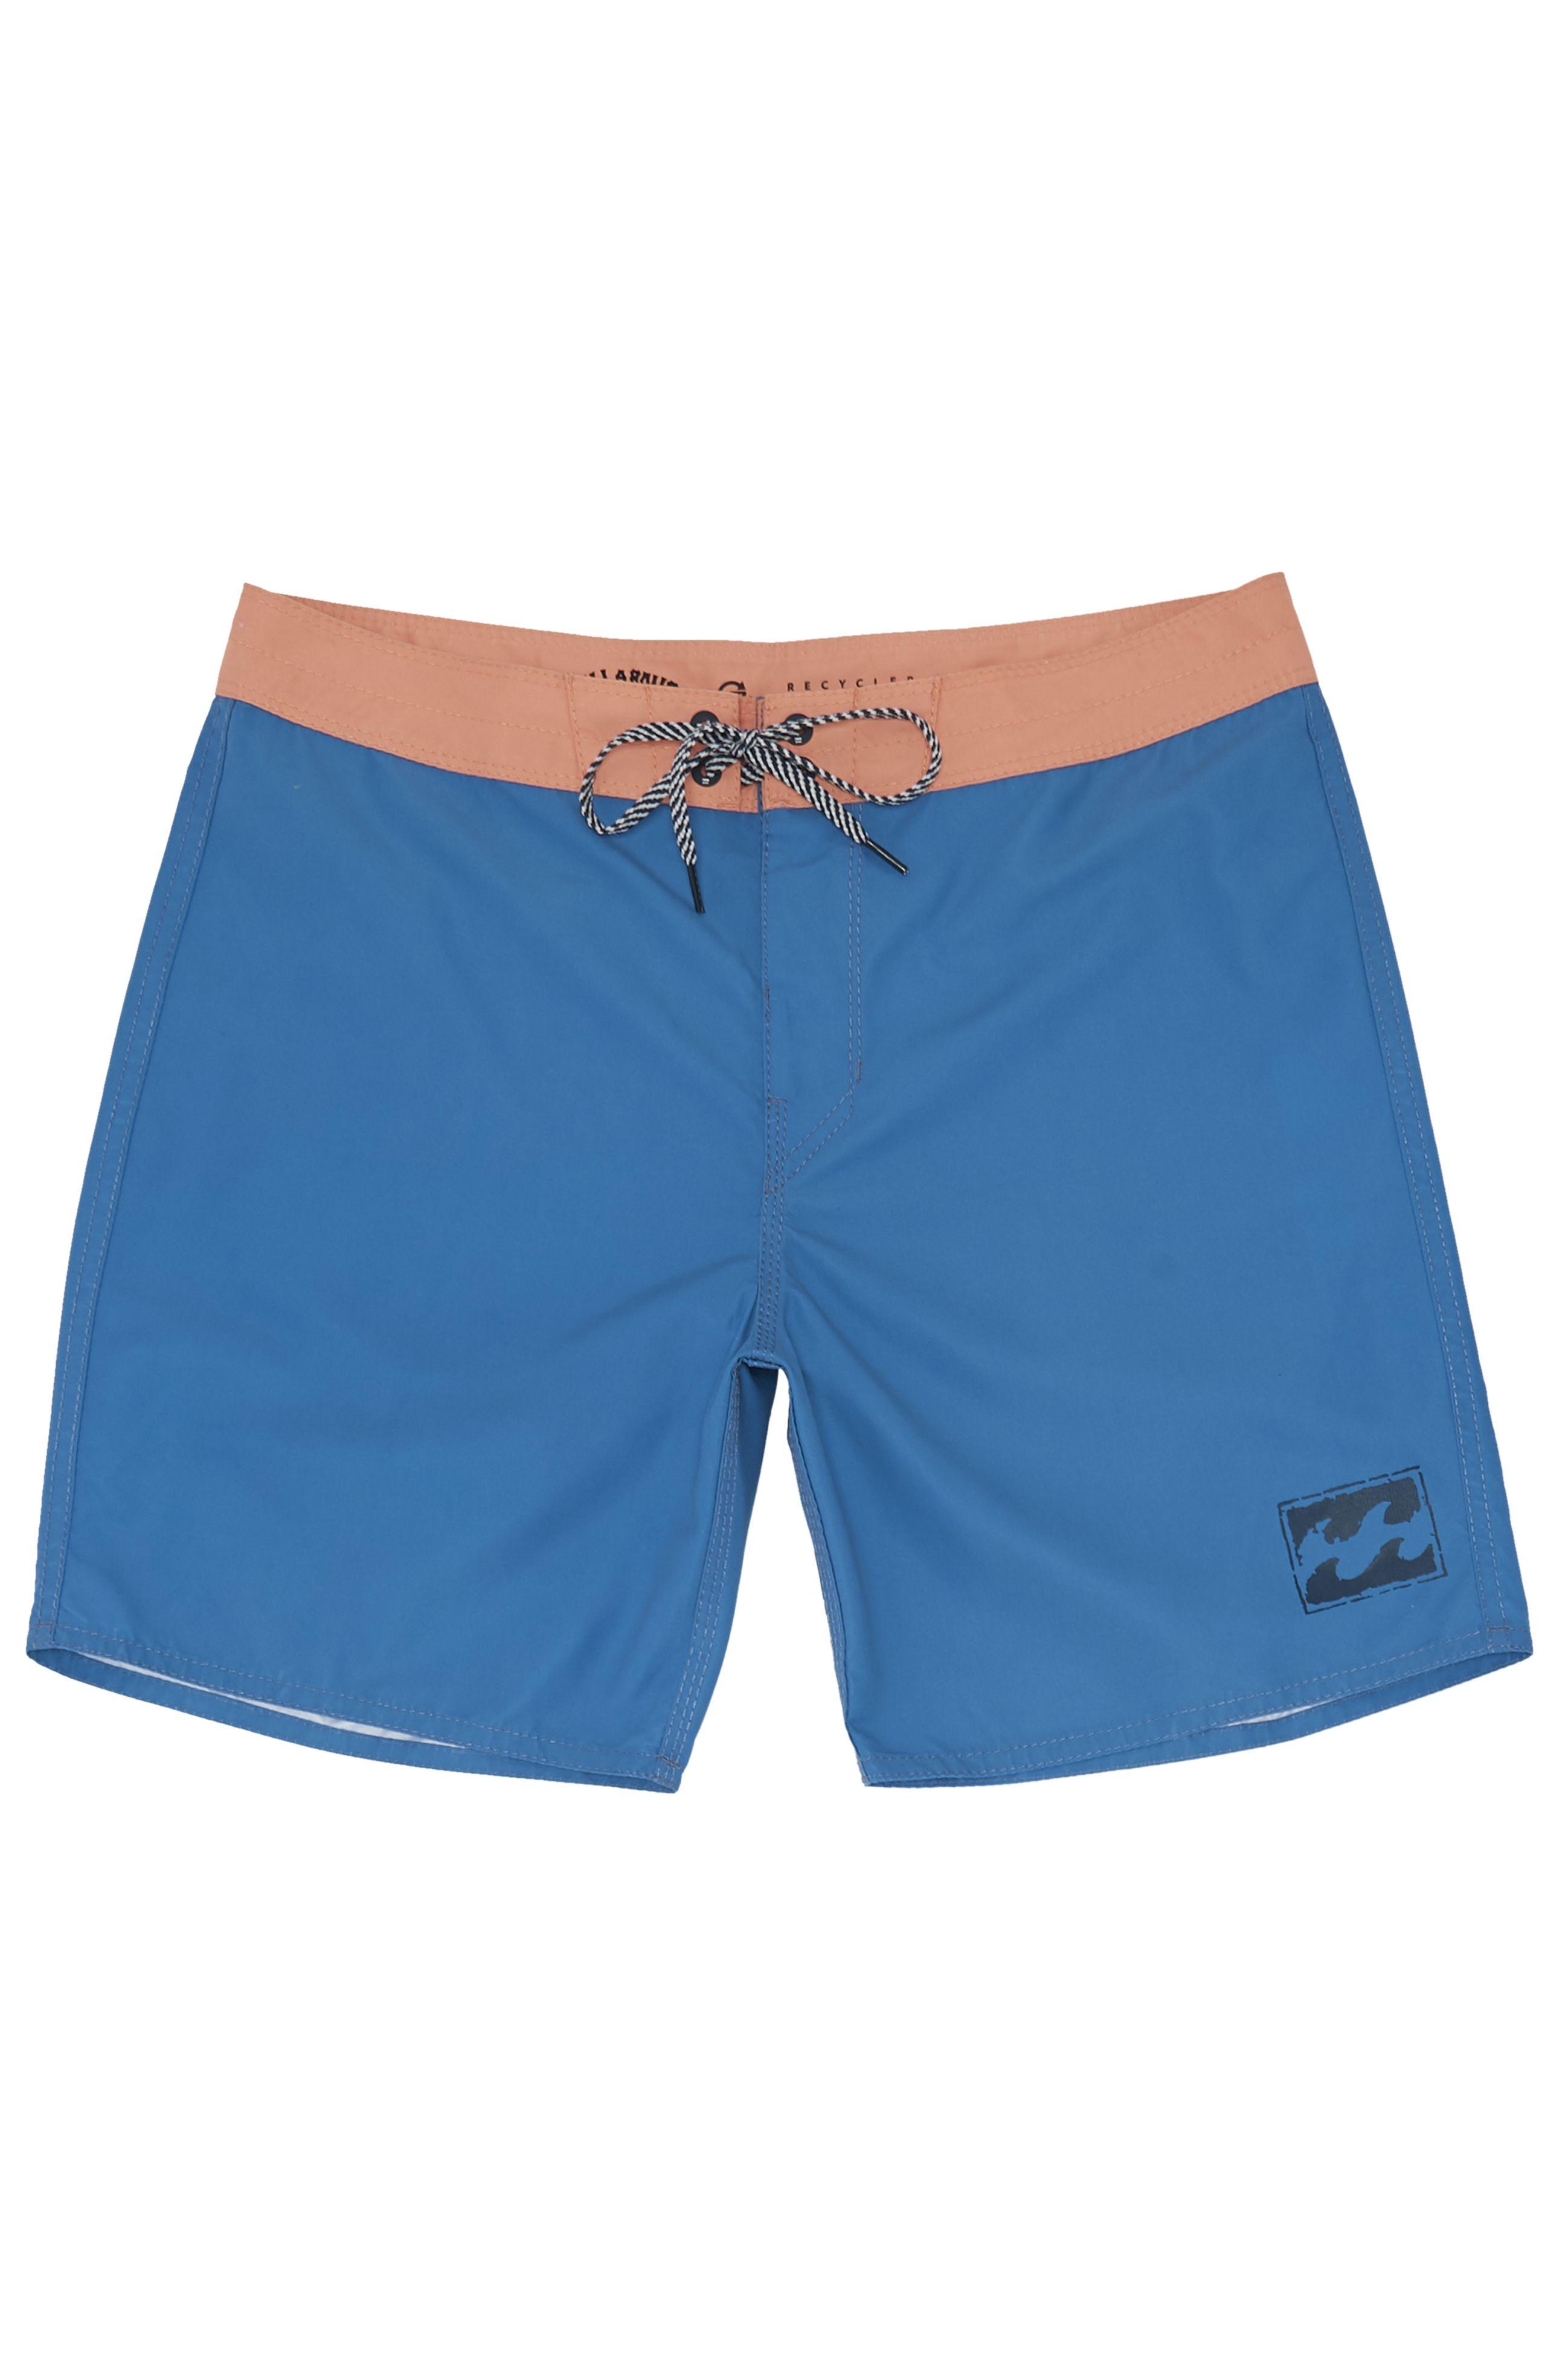 Billabong Boardshorts ALL DAY OG Blue